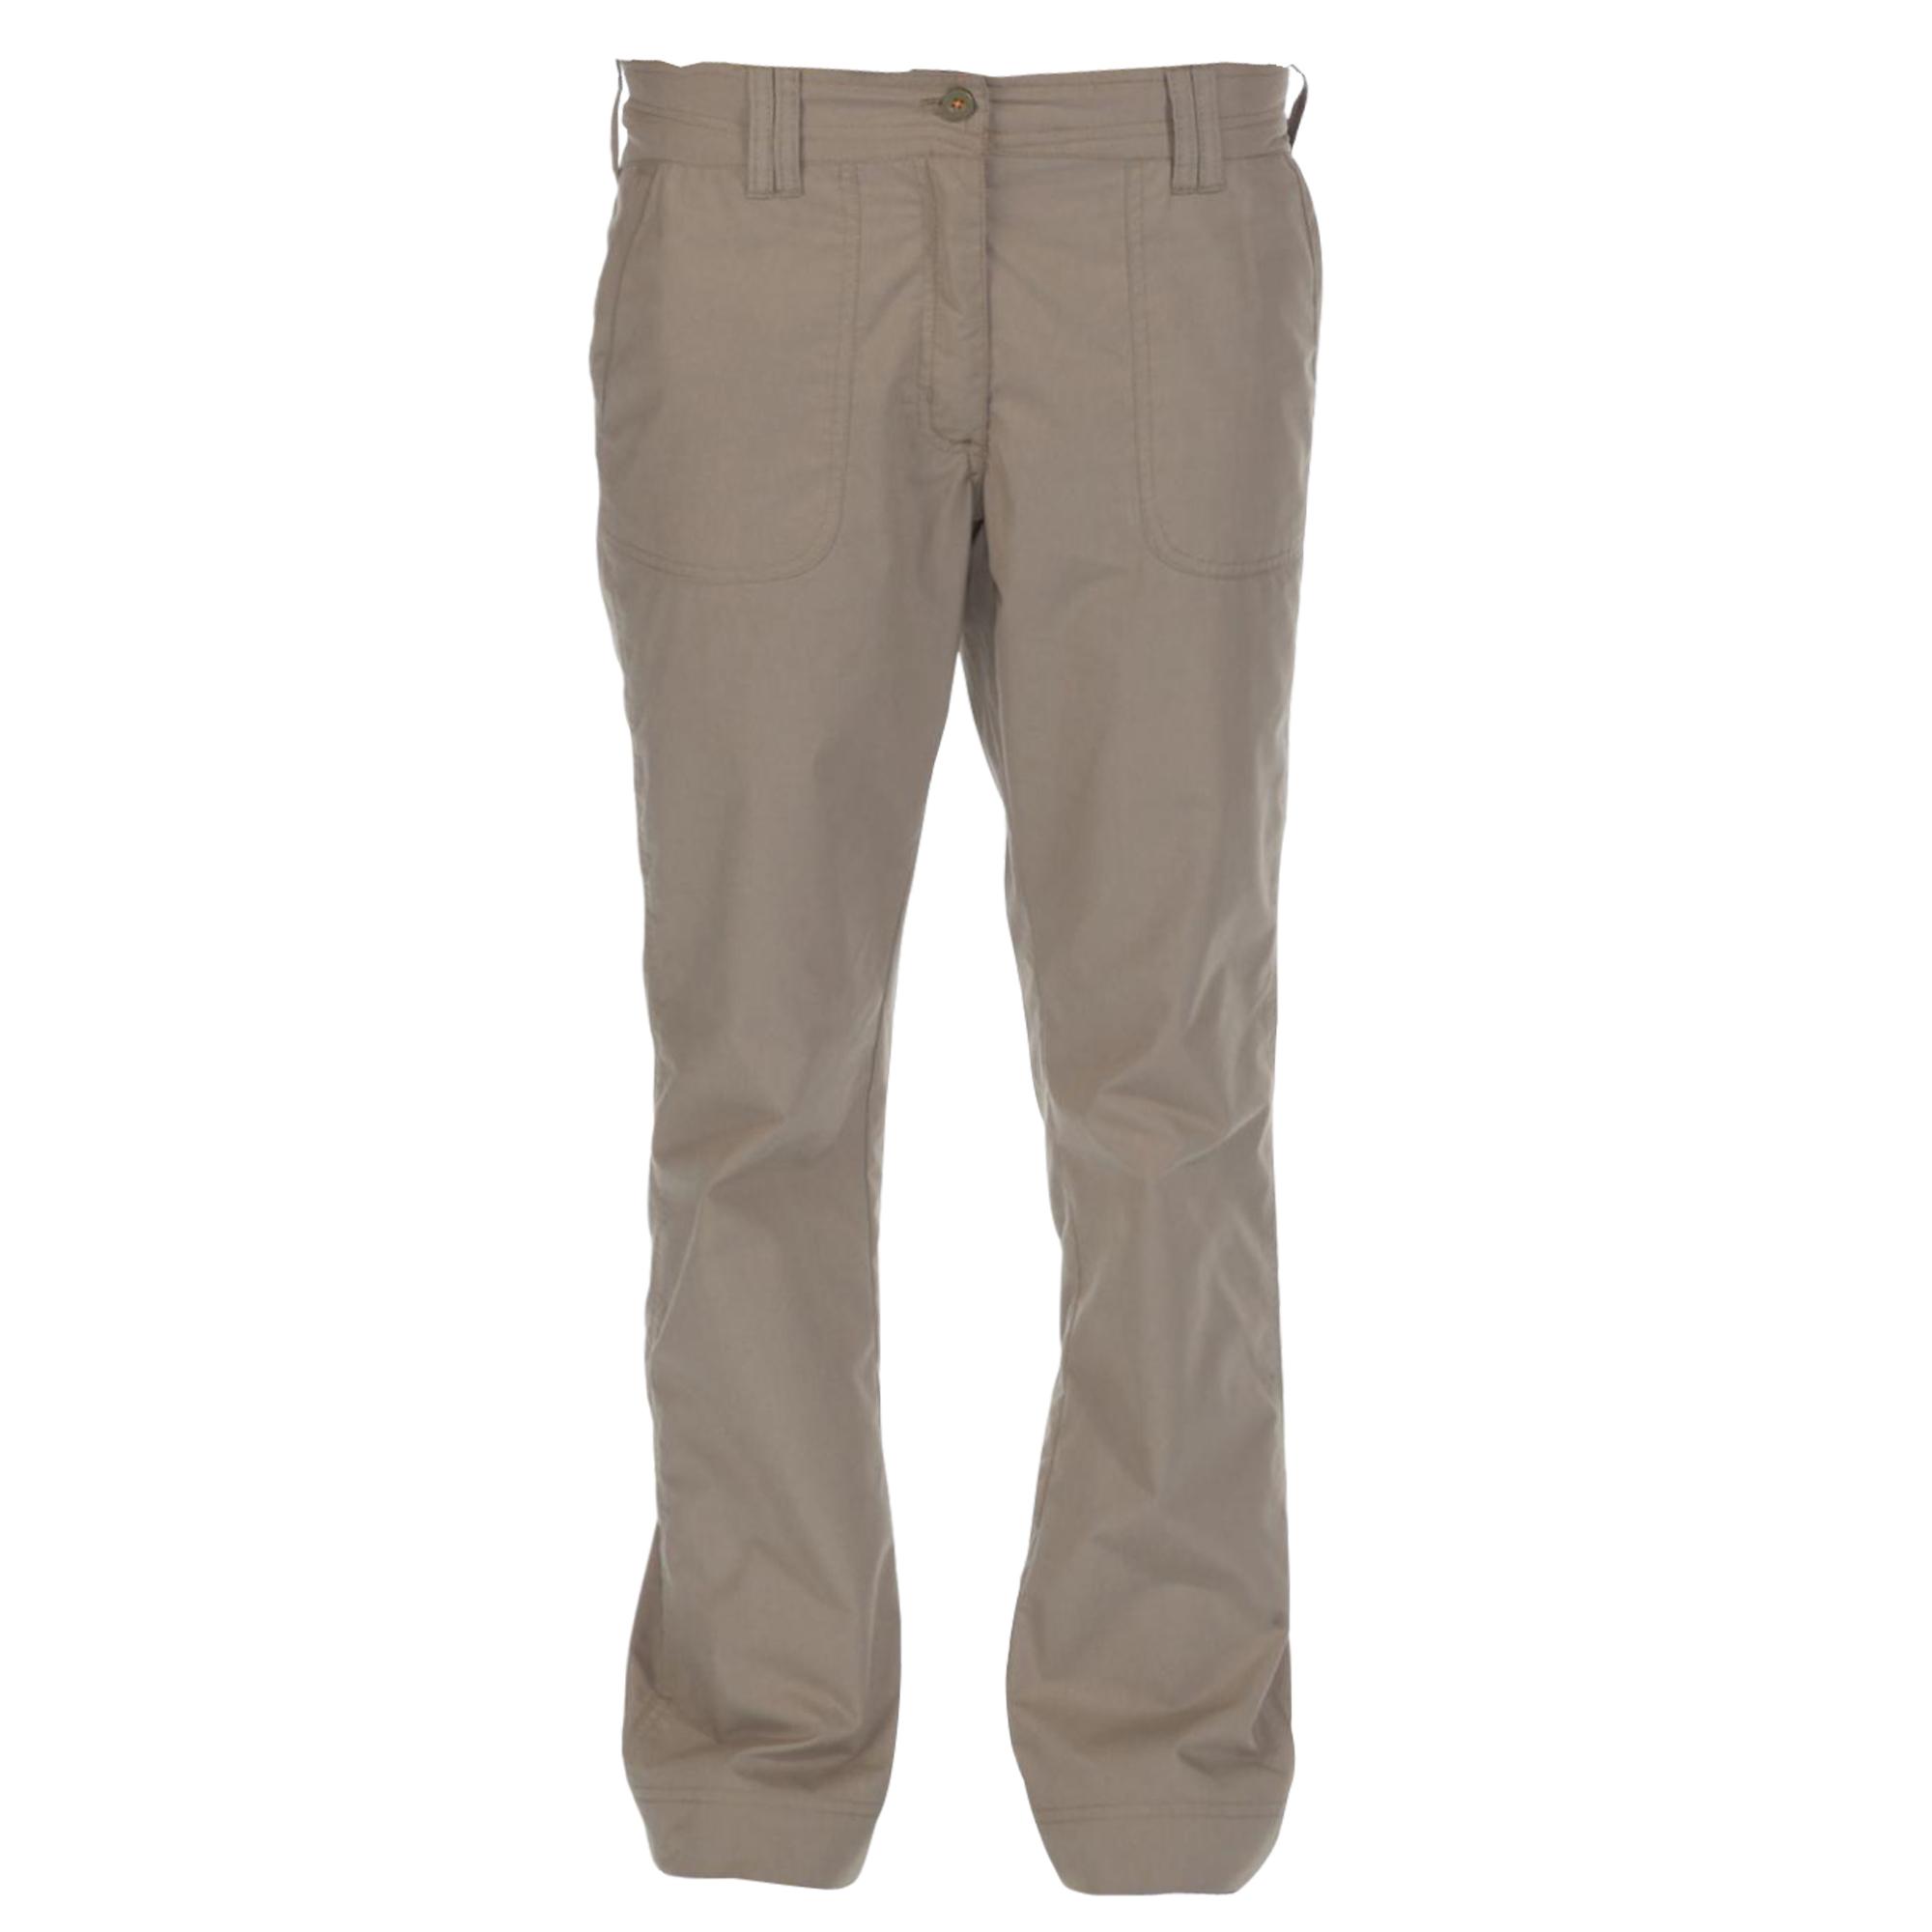 Regatta Great Outdoors Womens/Ladies Delph Showerproof Trousers (8L) (Parchment)